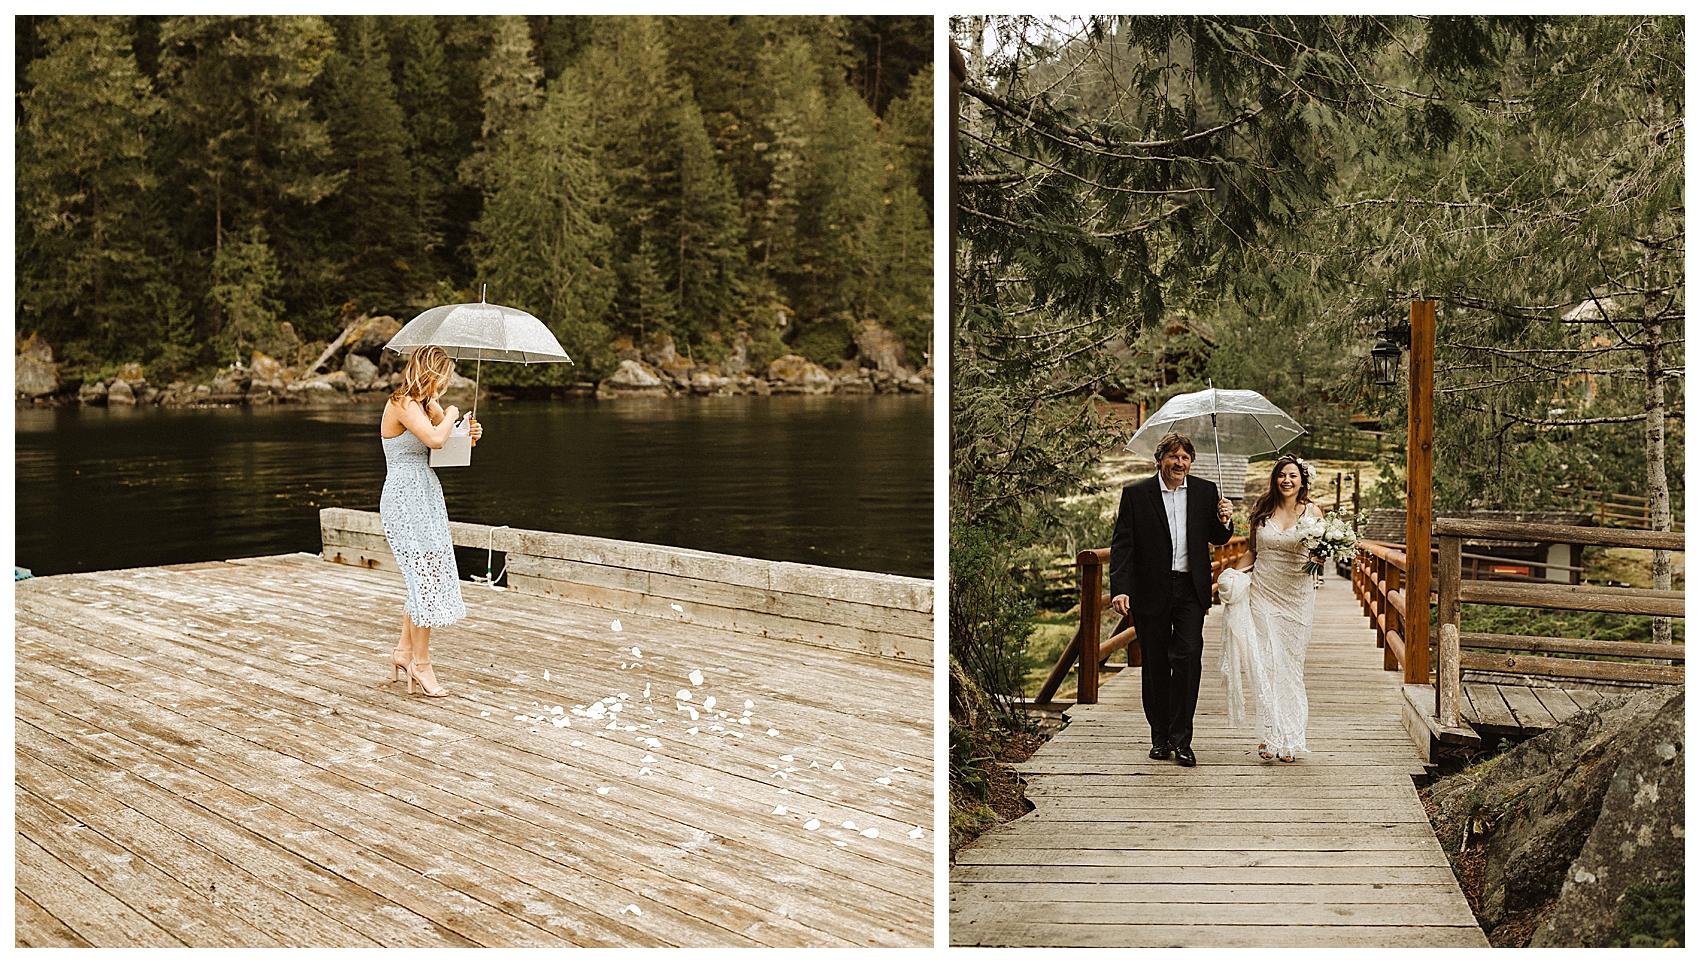 Vancouver BC Elopement Cassie Trottier Photography00043.jpg